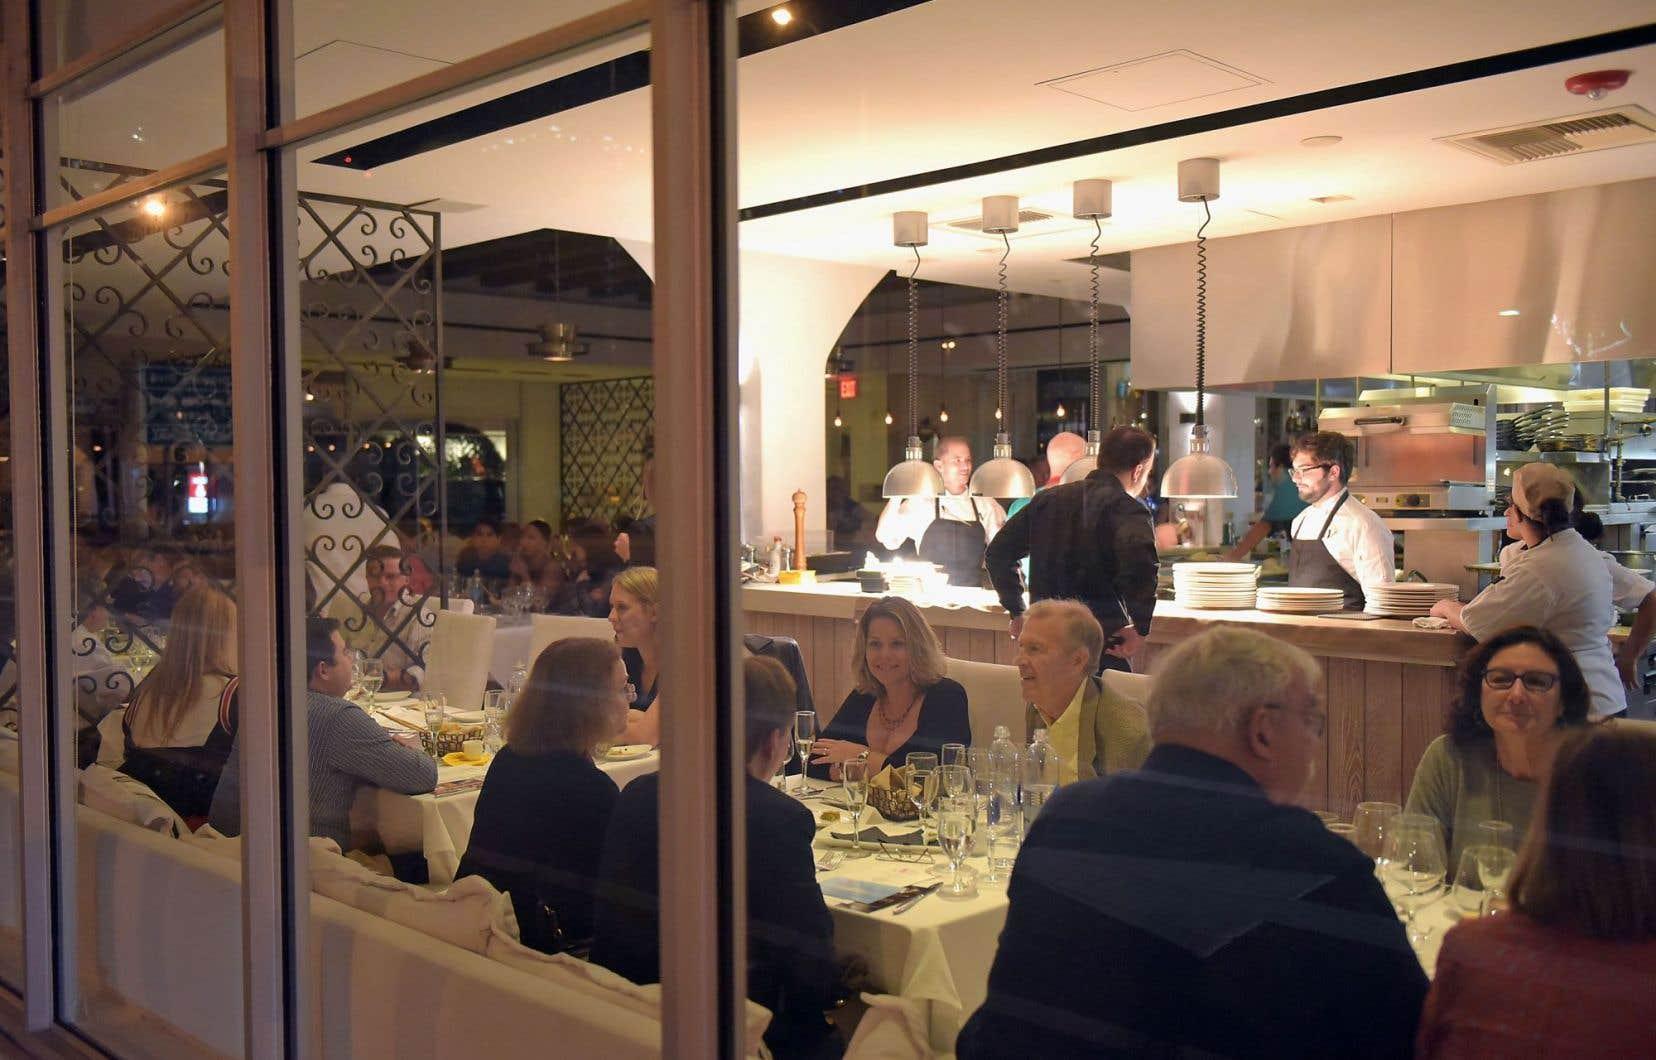 Ce qui compte avant tout pour un restaurant, c'est la constance, autant dans le service que dans la qualité des mets présentés.